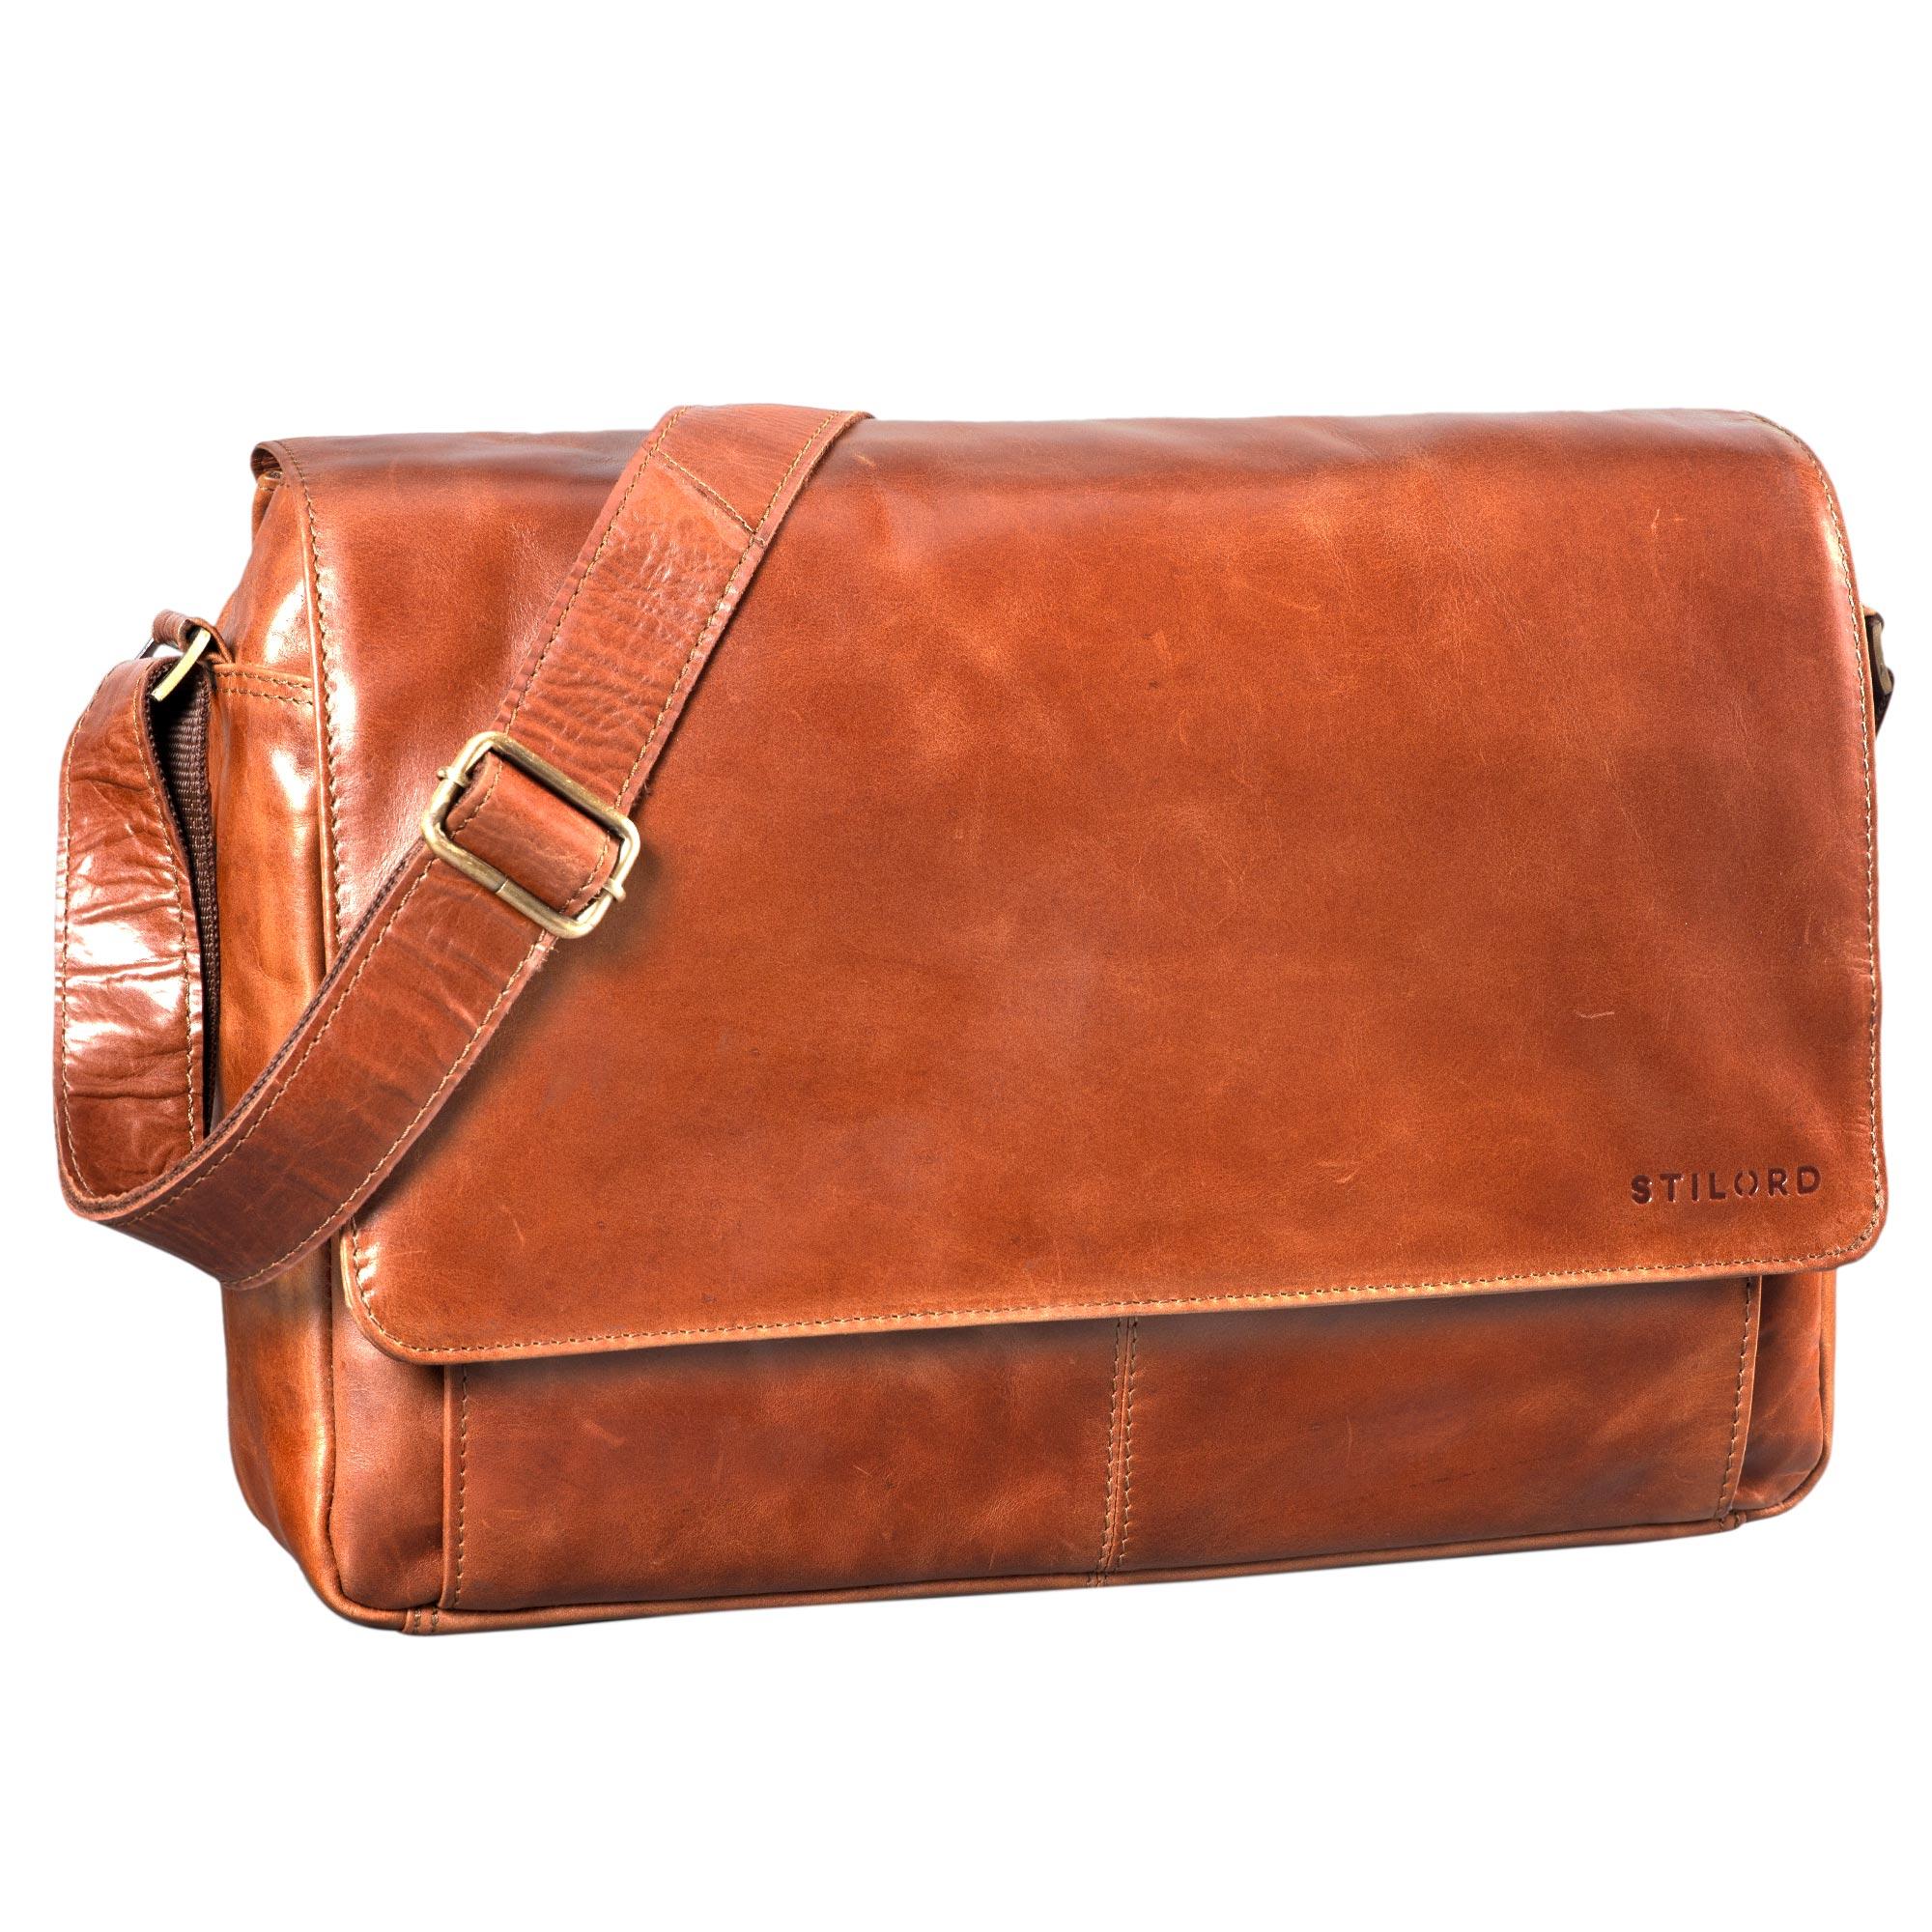 """STILORD """"Lonzo"""" Vintage Umhängetasche echtes Büffel-Leder Messenger Bag für Herren und Damen Unitasche Büro Business Studium Leder - Bild 14"""